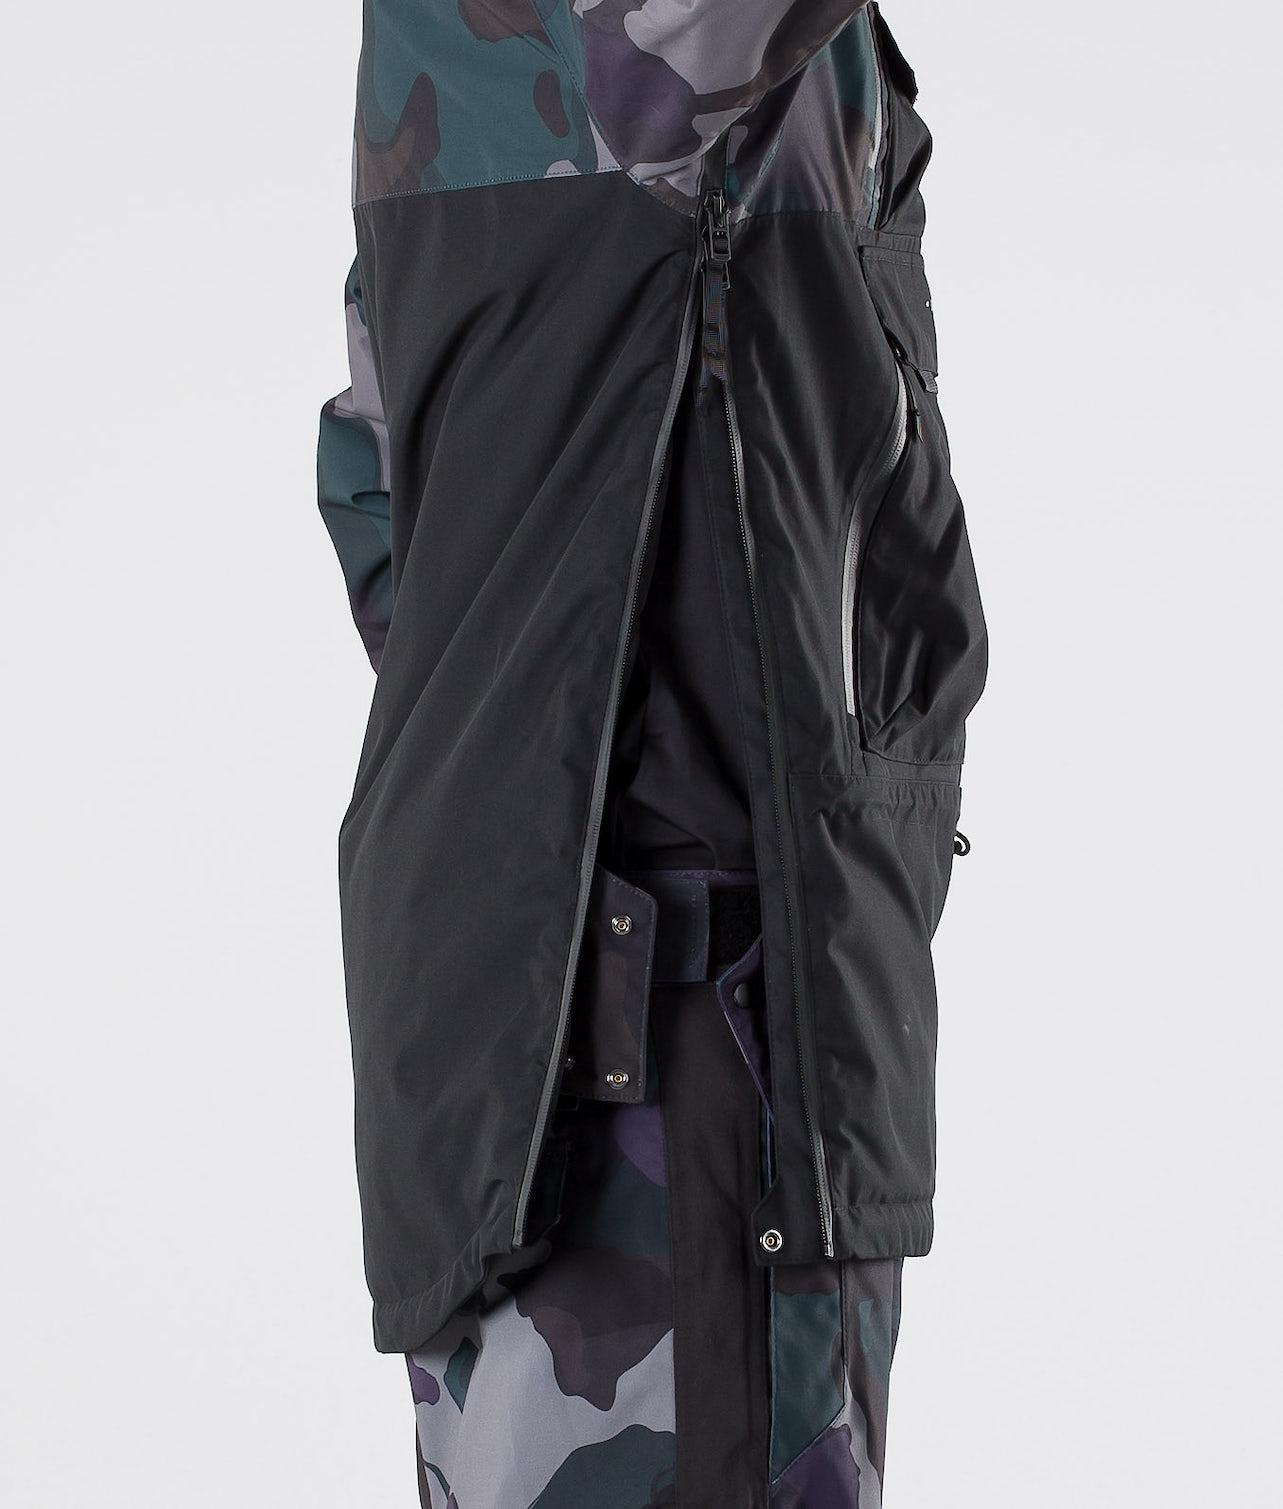 Kjøp Akin Skijakke fra Dope på Ridestore.no - Hos oss har du alltid fri frakt, fri retur og 30 dagers åpent kjøp!